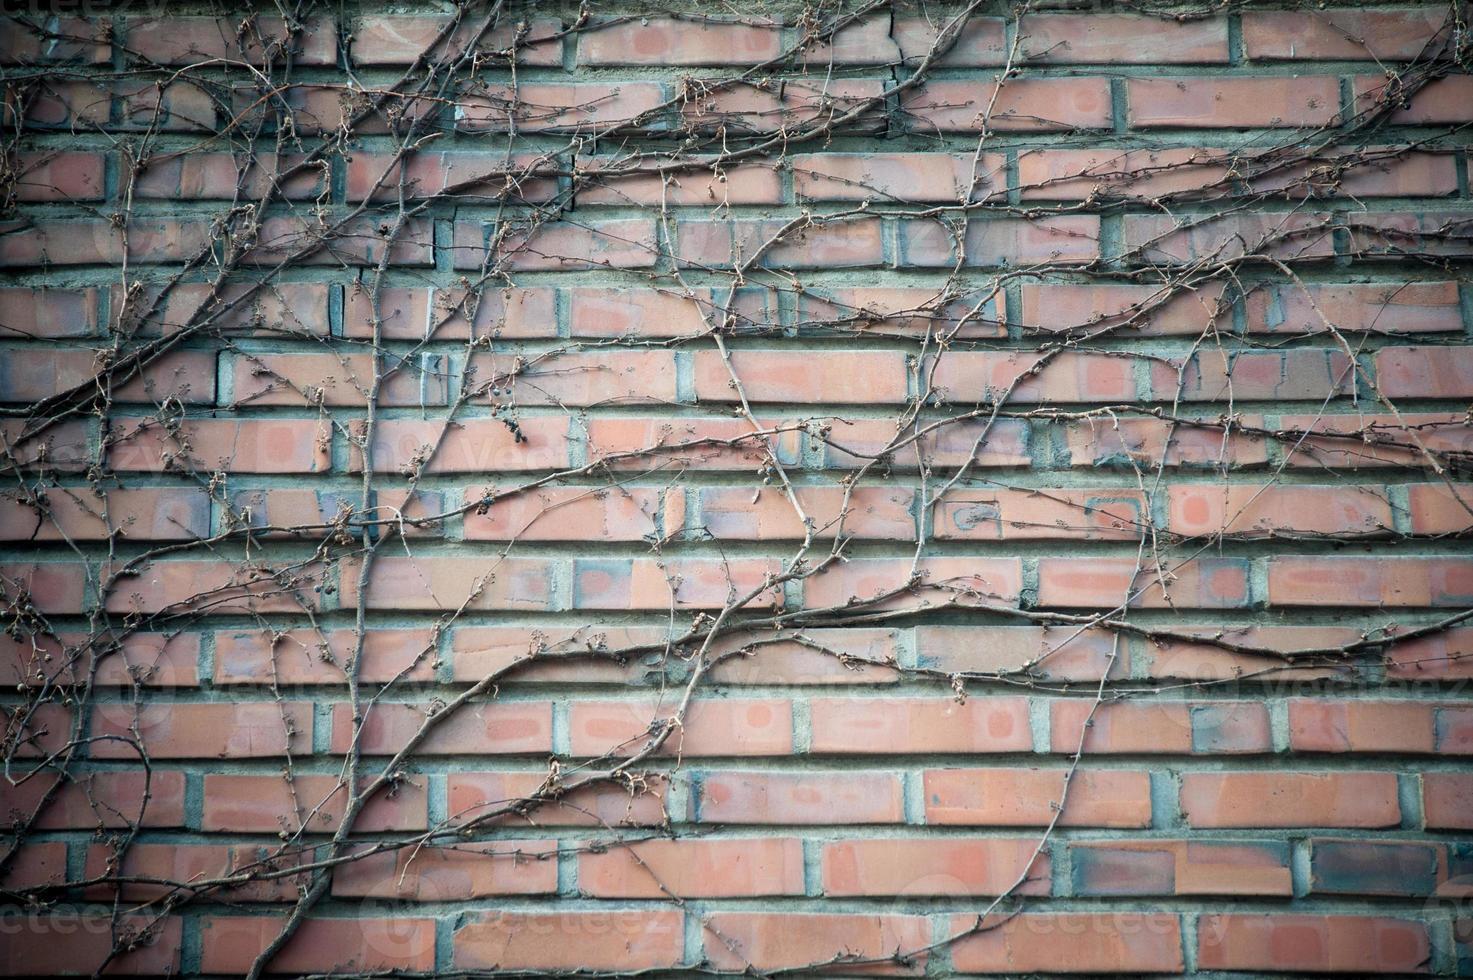 mur de briques photo